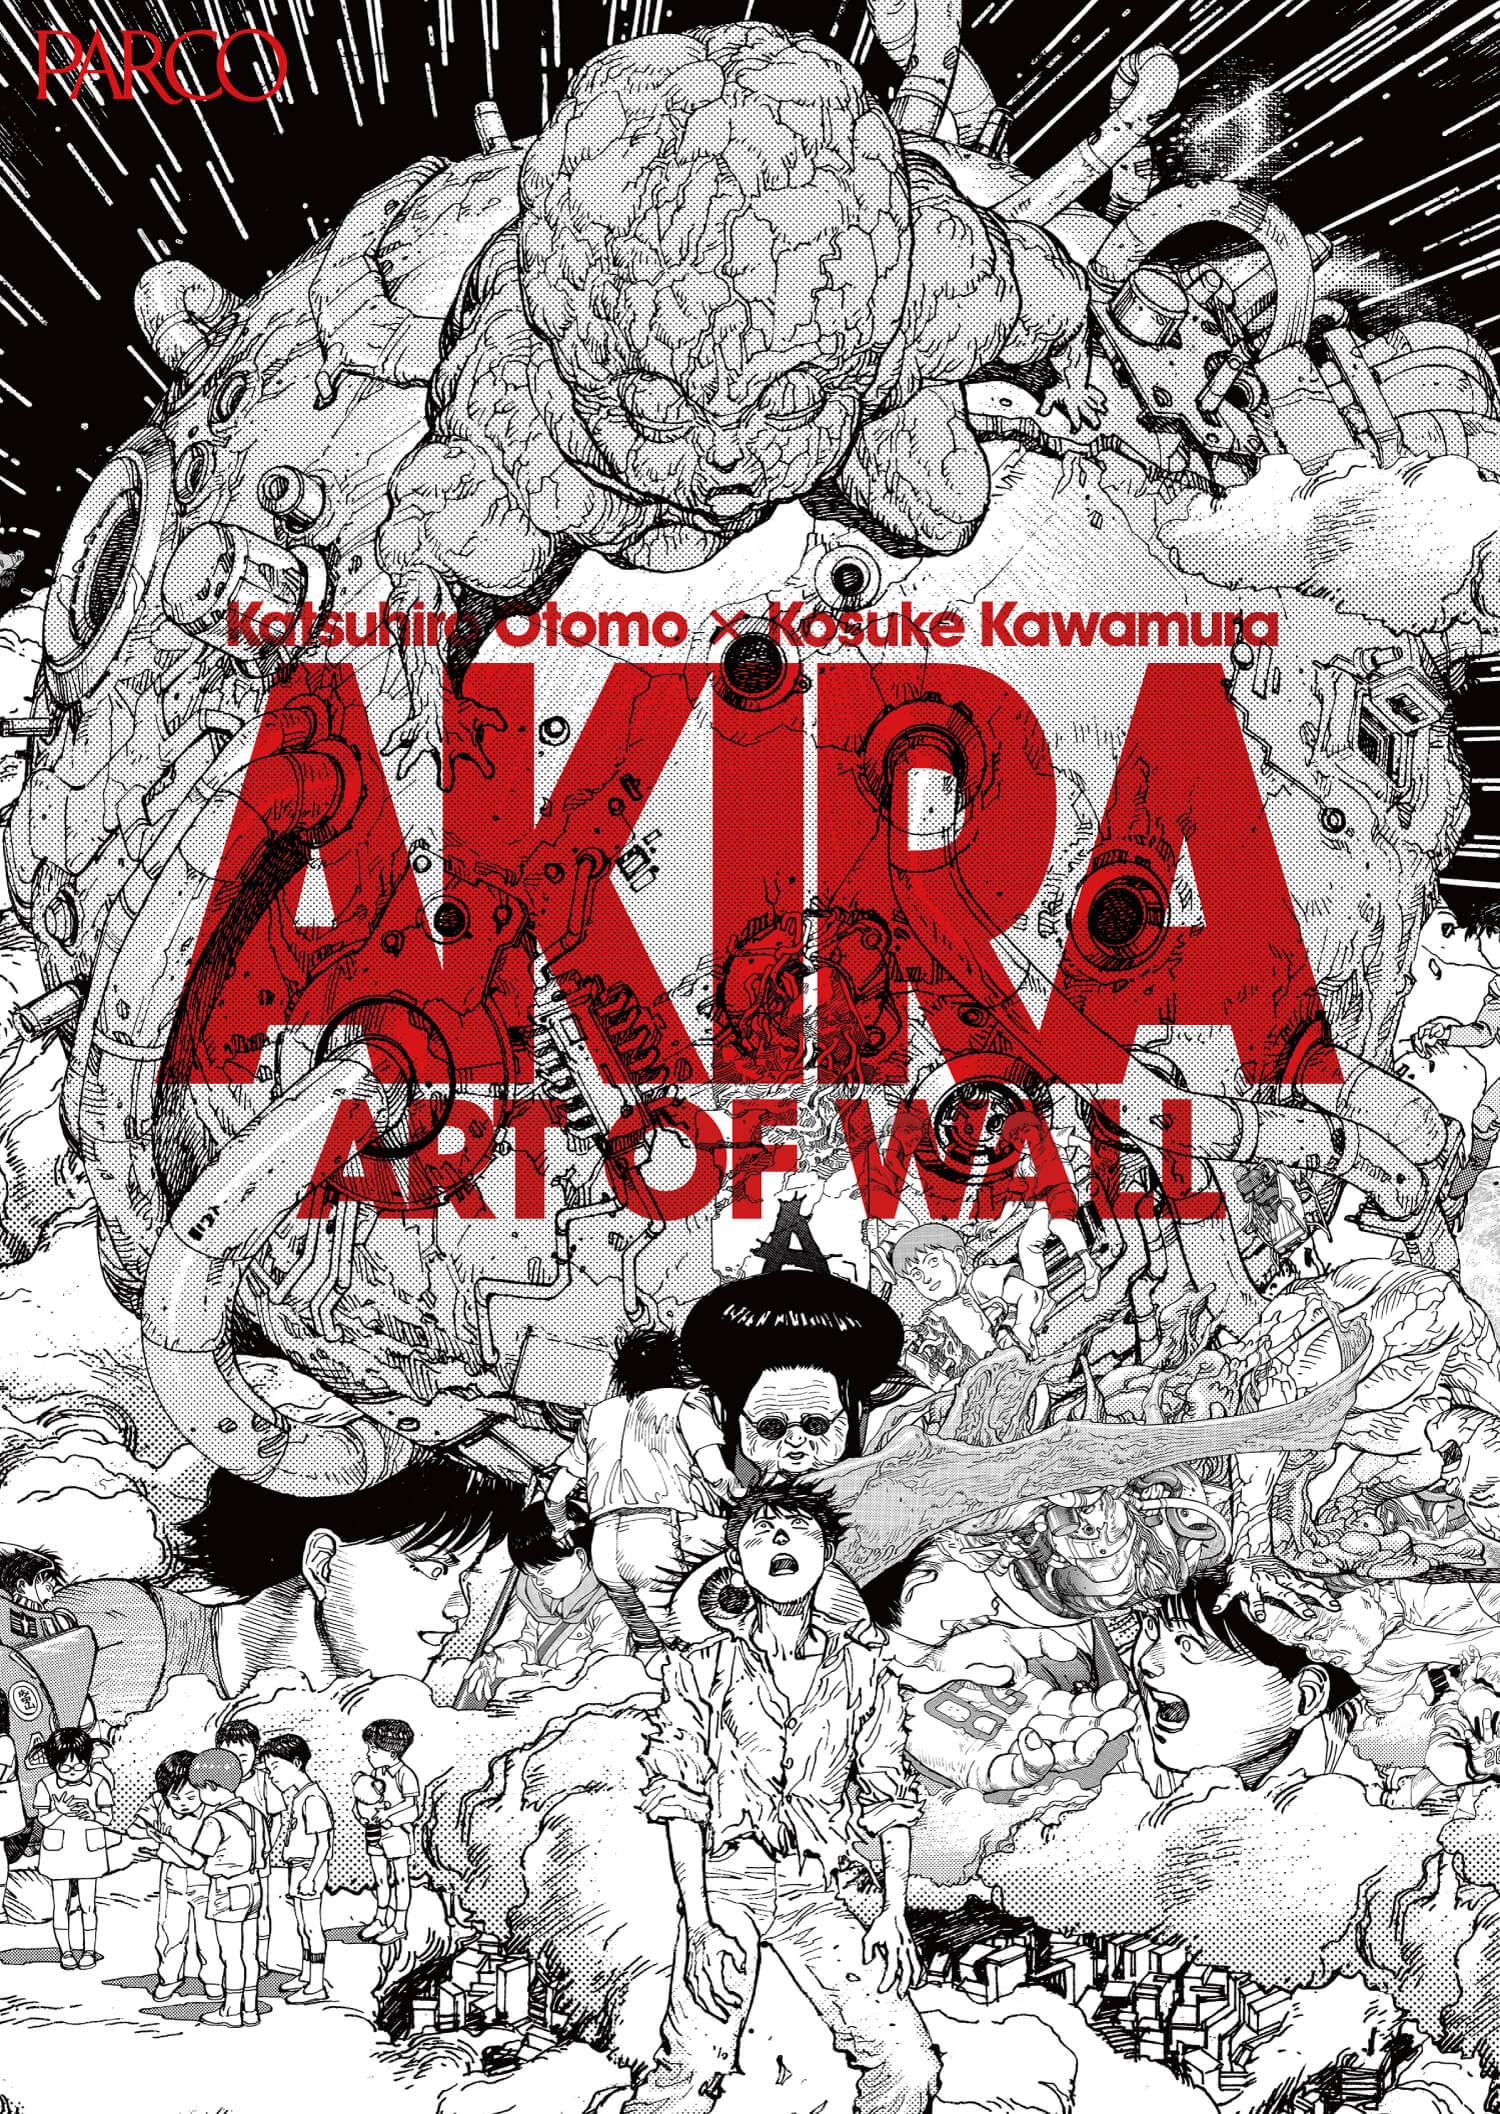 akira-art-of-wall-katsuhiro-otomo-x-kosuke-kawamura-akira-art-exhibition%ef%bc%88%e3%82%a2%e3%82%ad%e3%83%a9-%e3%82%a2%e3%83%bc%e3%83%88%e3%82%aa%e3%83%95%e3%82%99%e3%82%a6%e3%82%a9%e3%83%bc